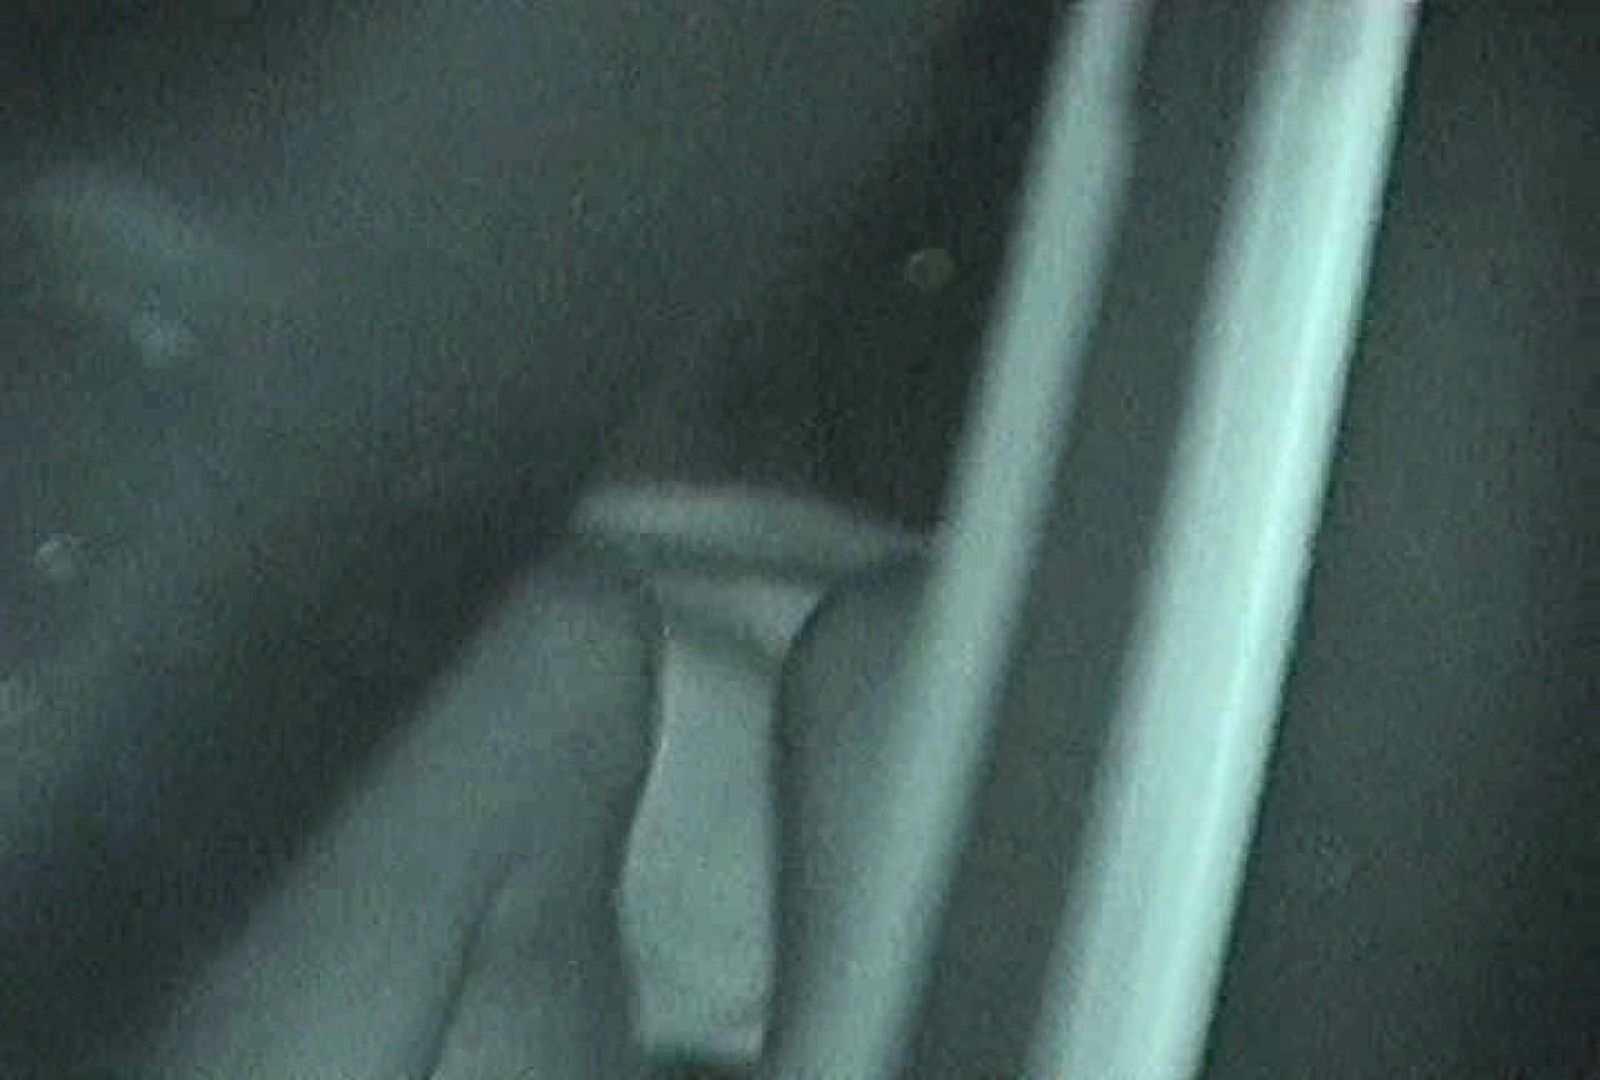 充血監督の深夜の運動会Vol.93 独占盗撮 ぱこり動画紹介 66連発 39